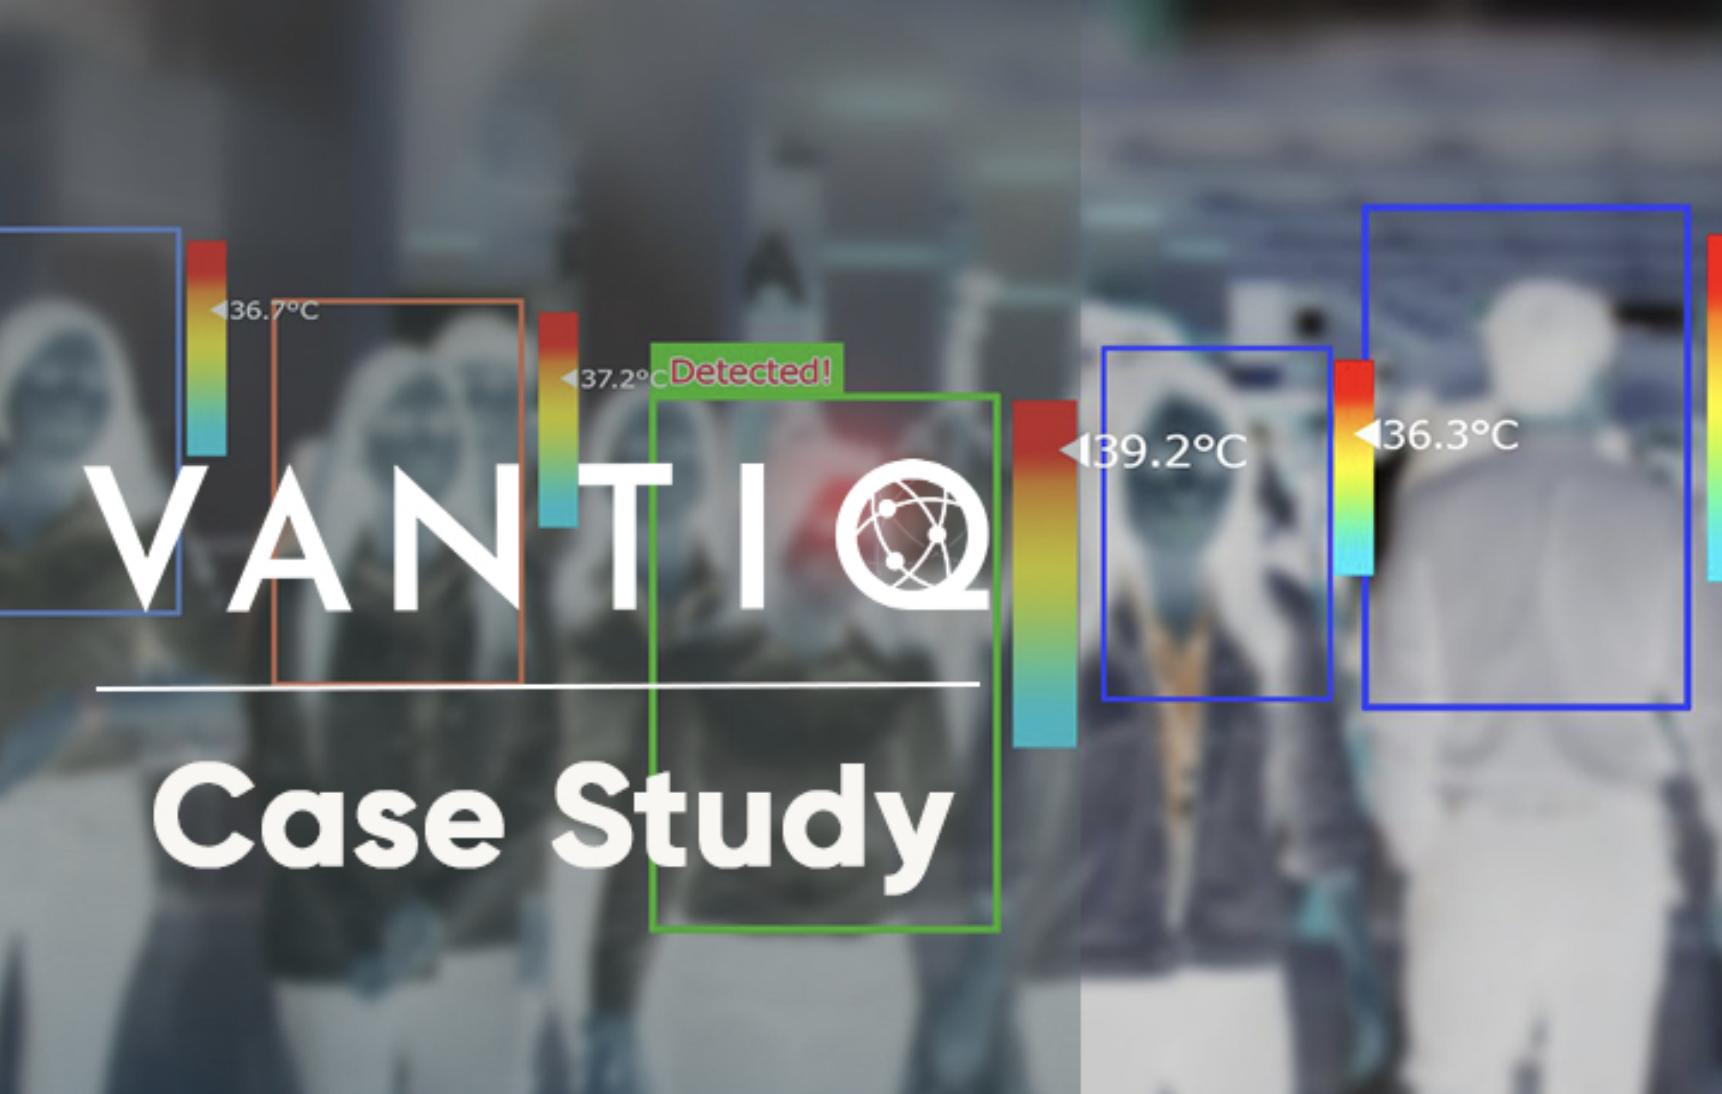 vantiq giconnect case study banner